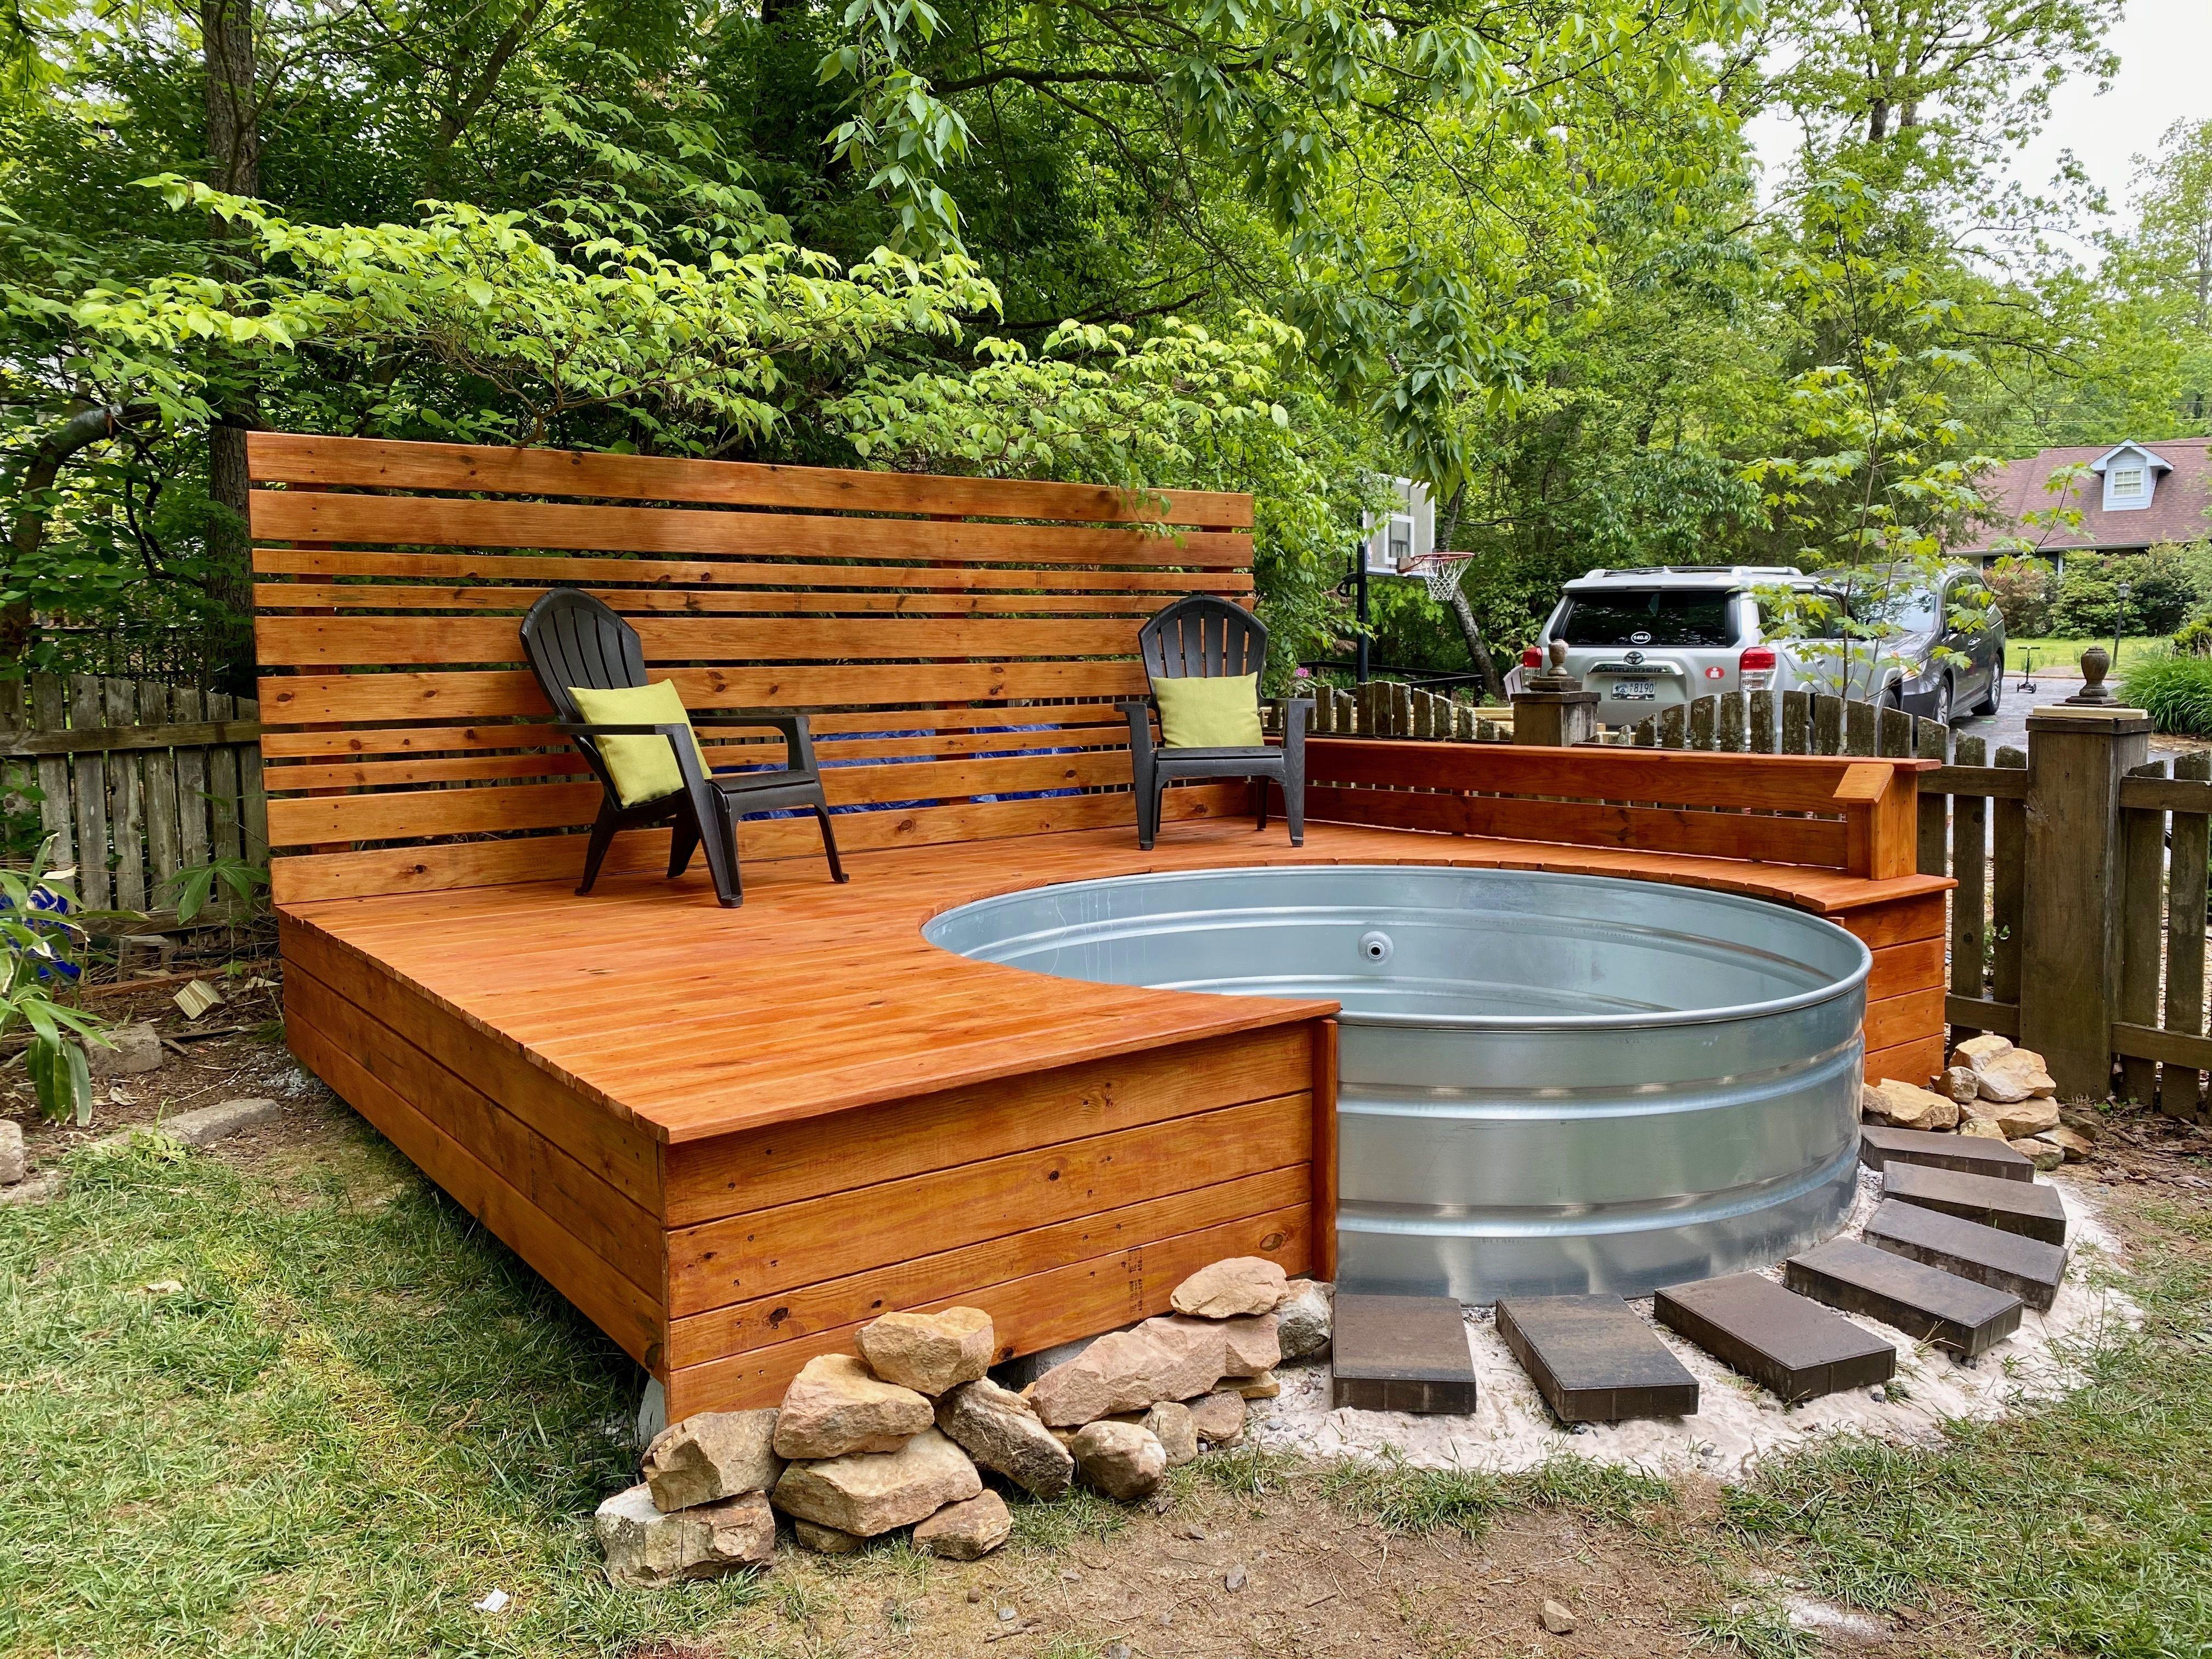 Stock Tank Pool W Custom Deck In 2021 Backyard Pool Stock Tank Pool Stock Tank Pool Diy